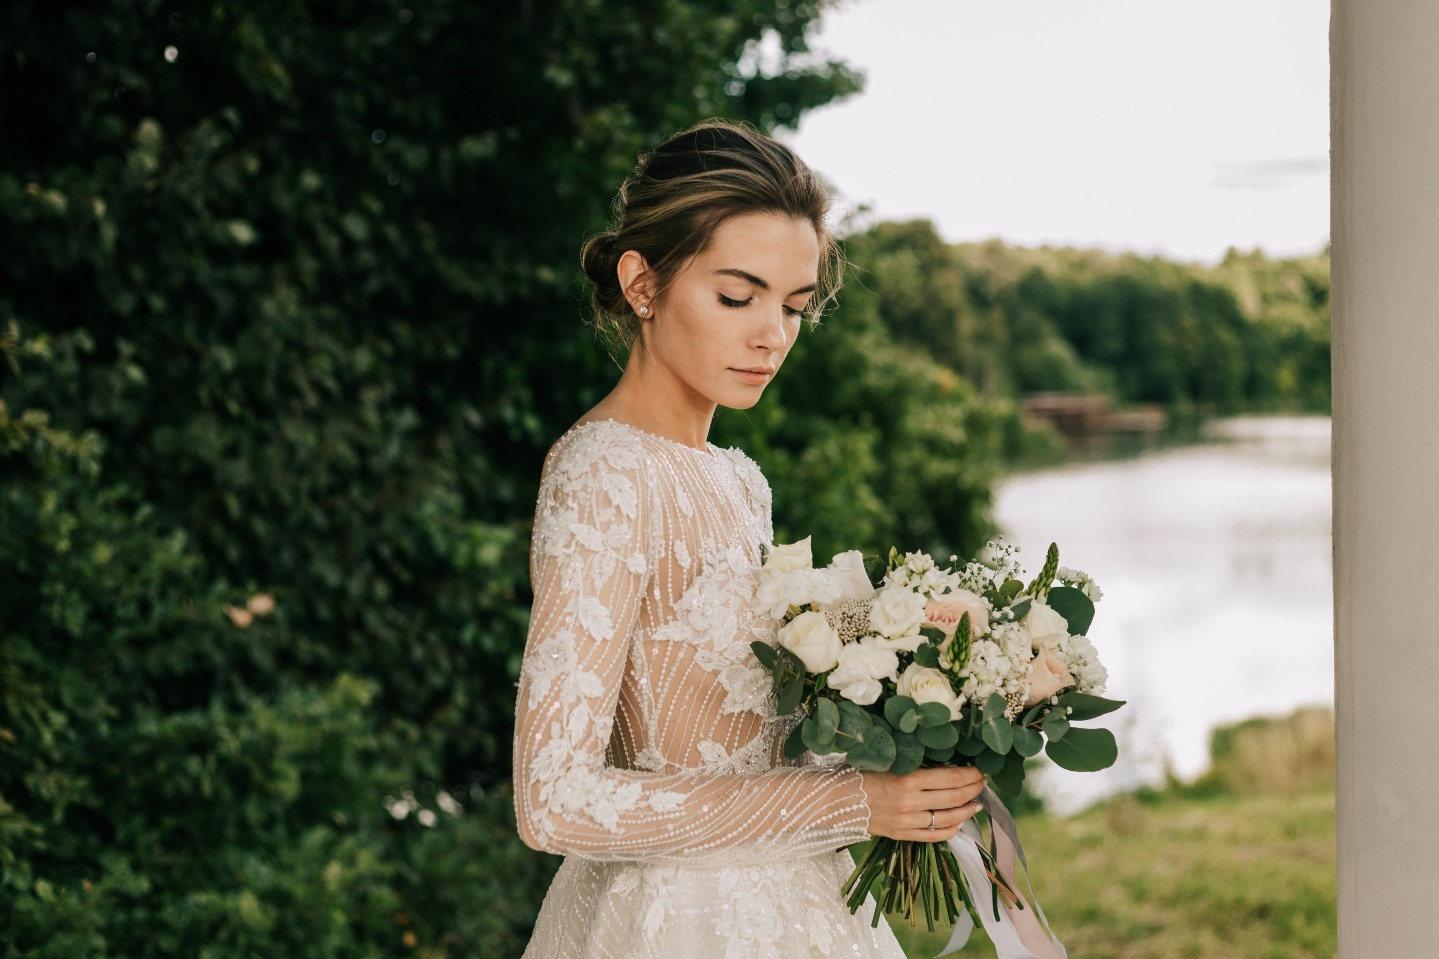 Волшебные мгновения любви: классическая загородная свадьба